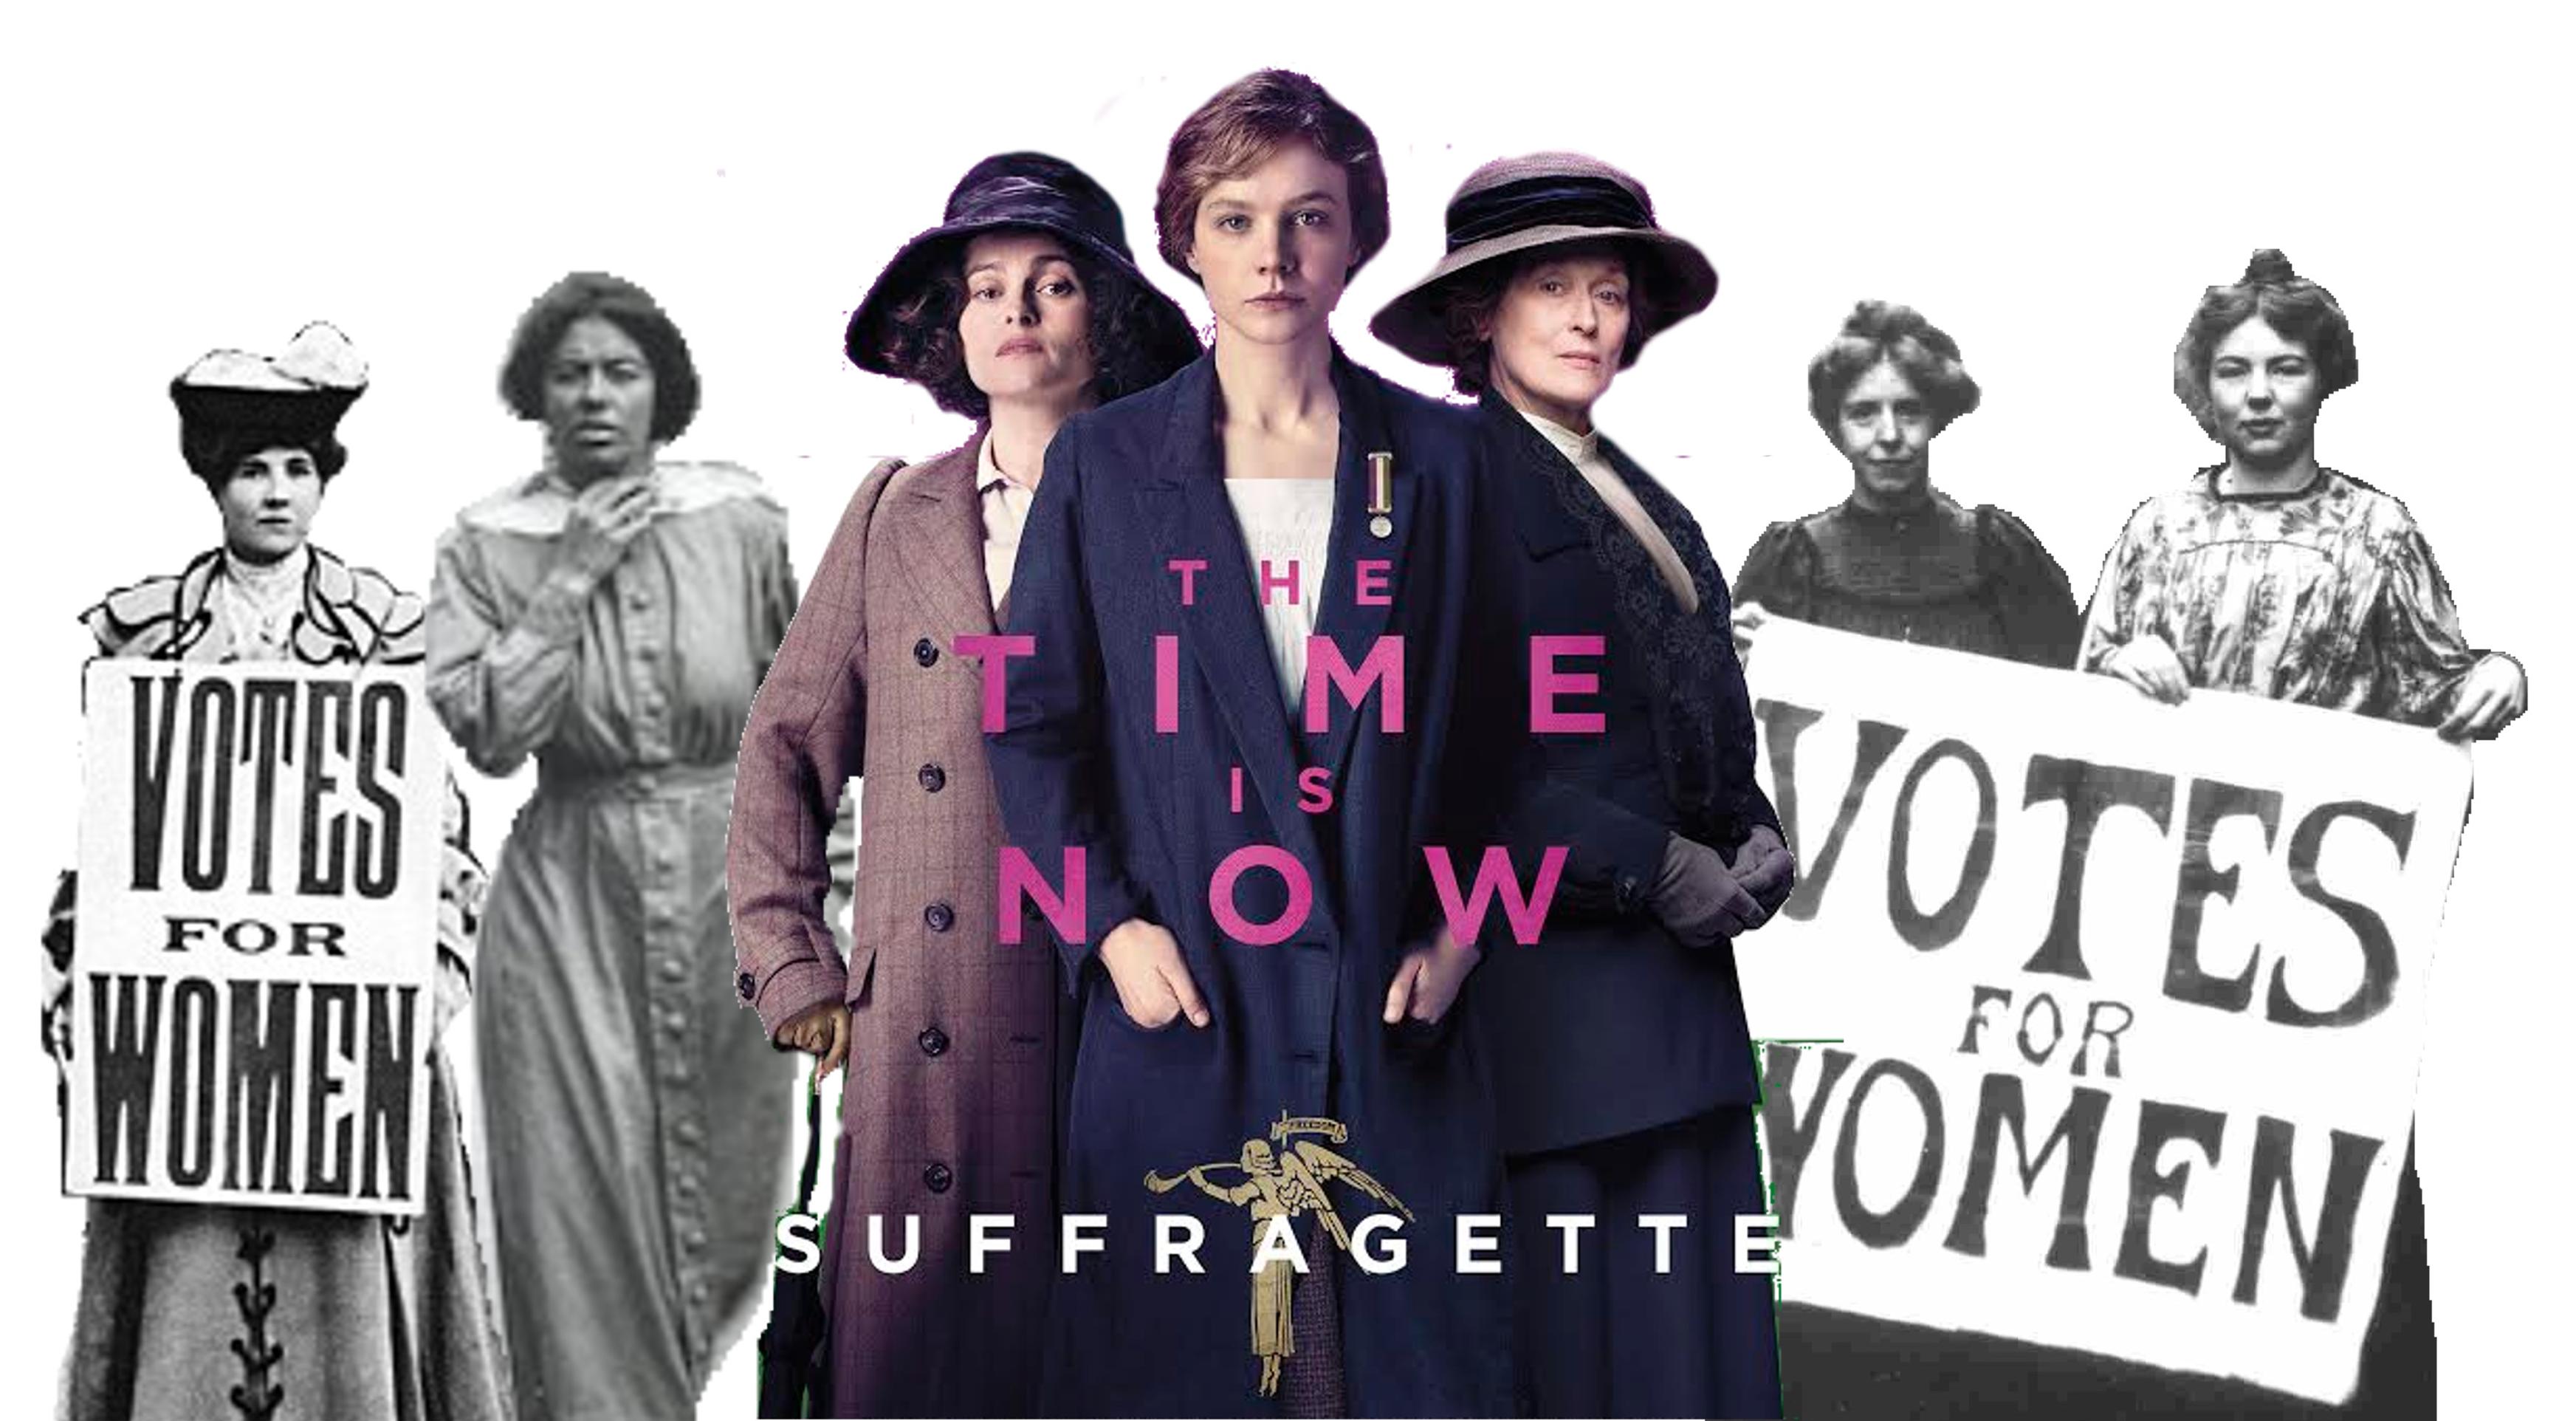 Suffragette movie screening - Suffragettes PNG